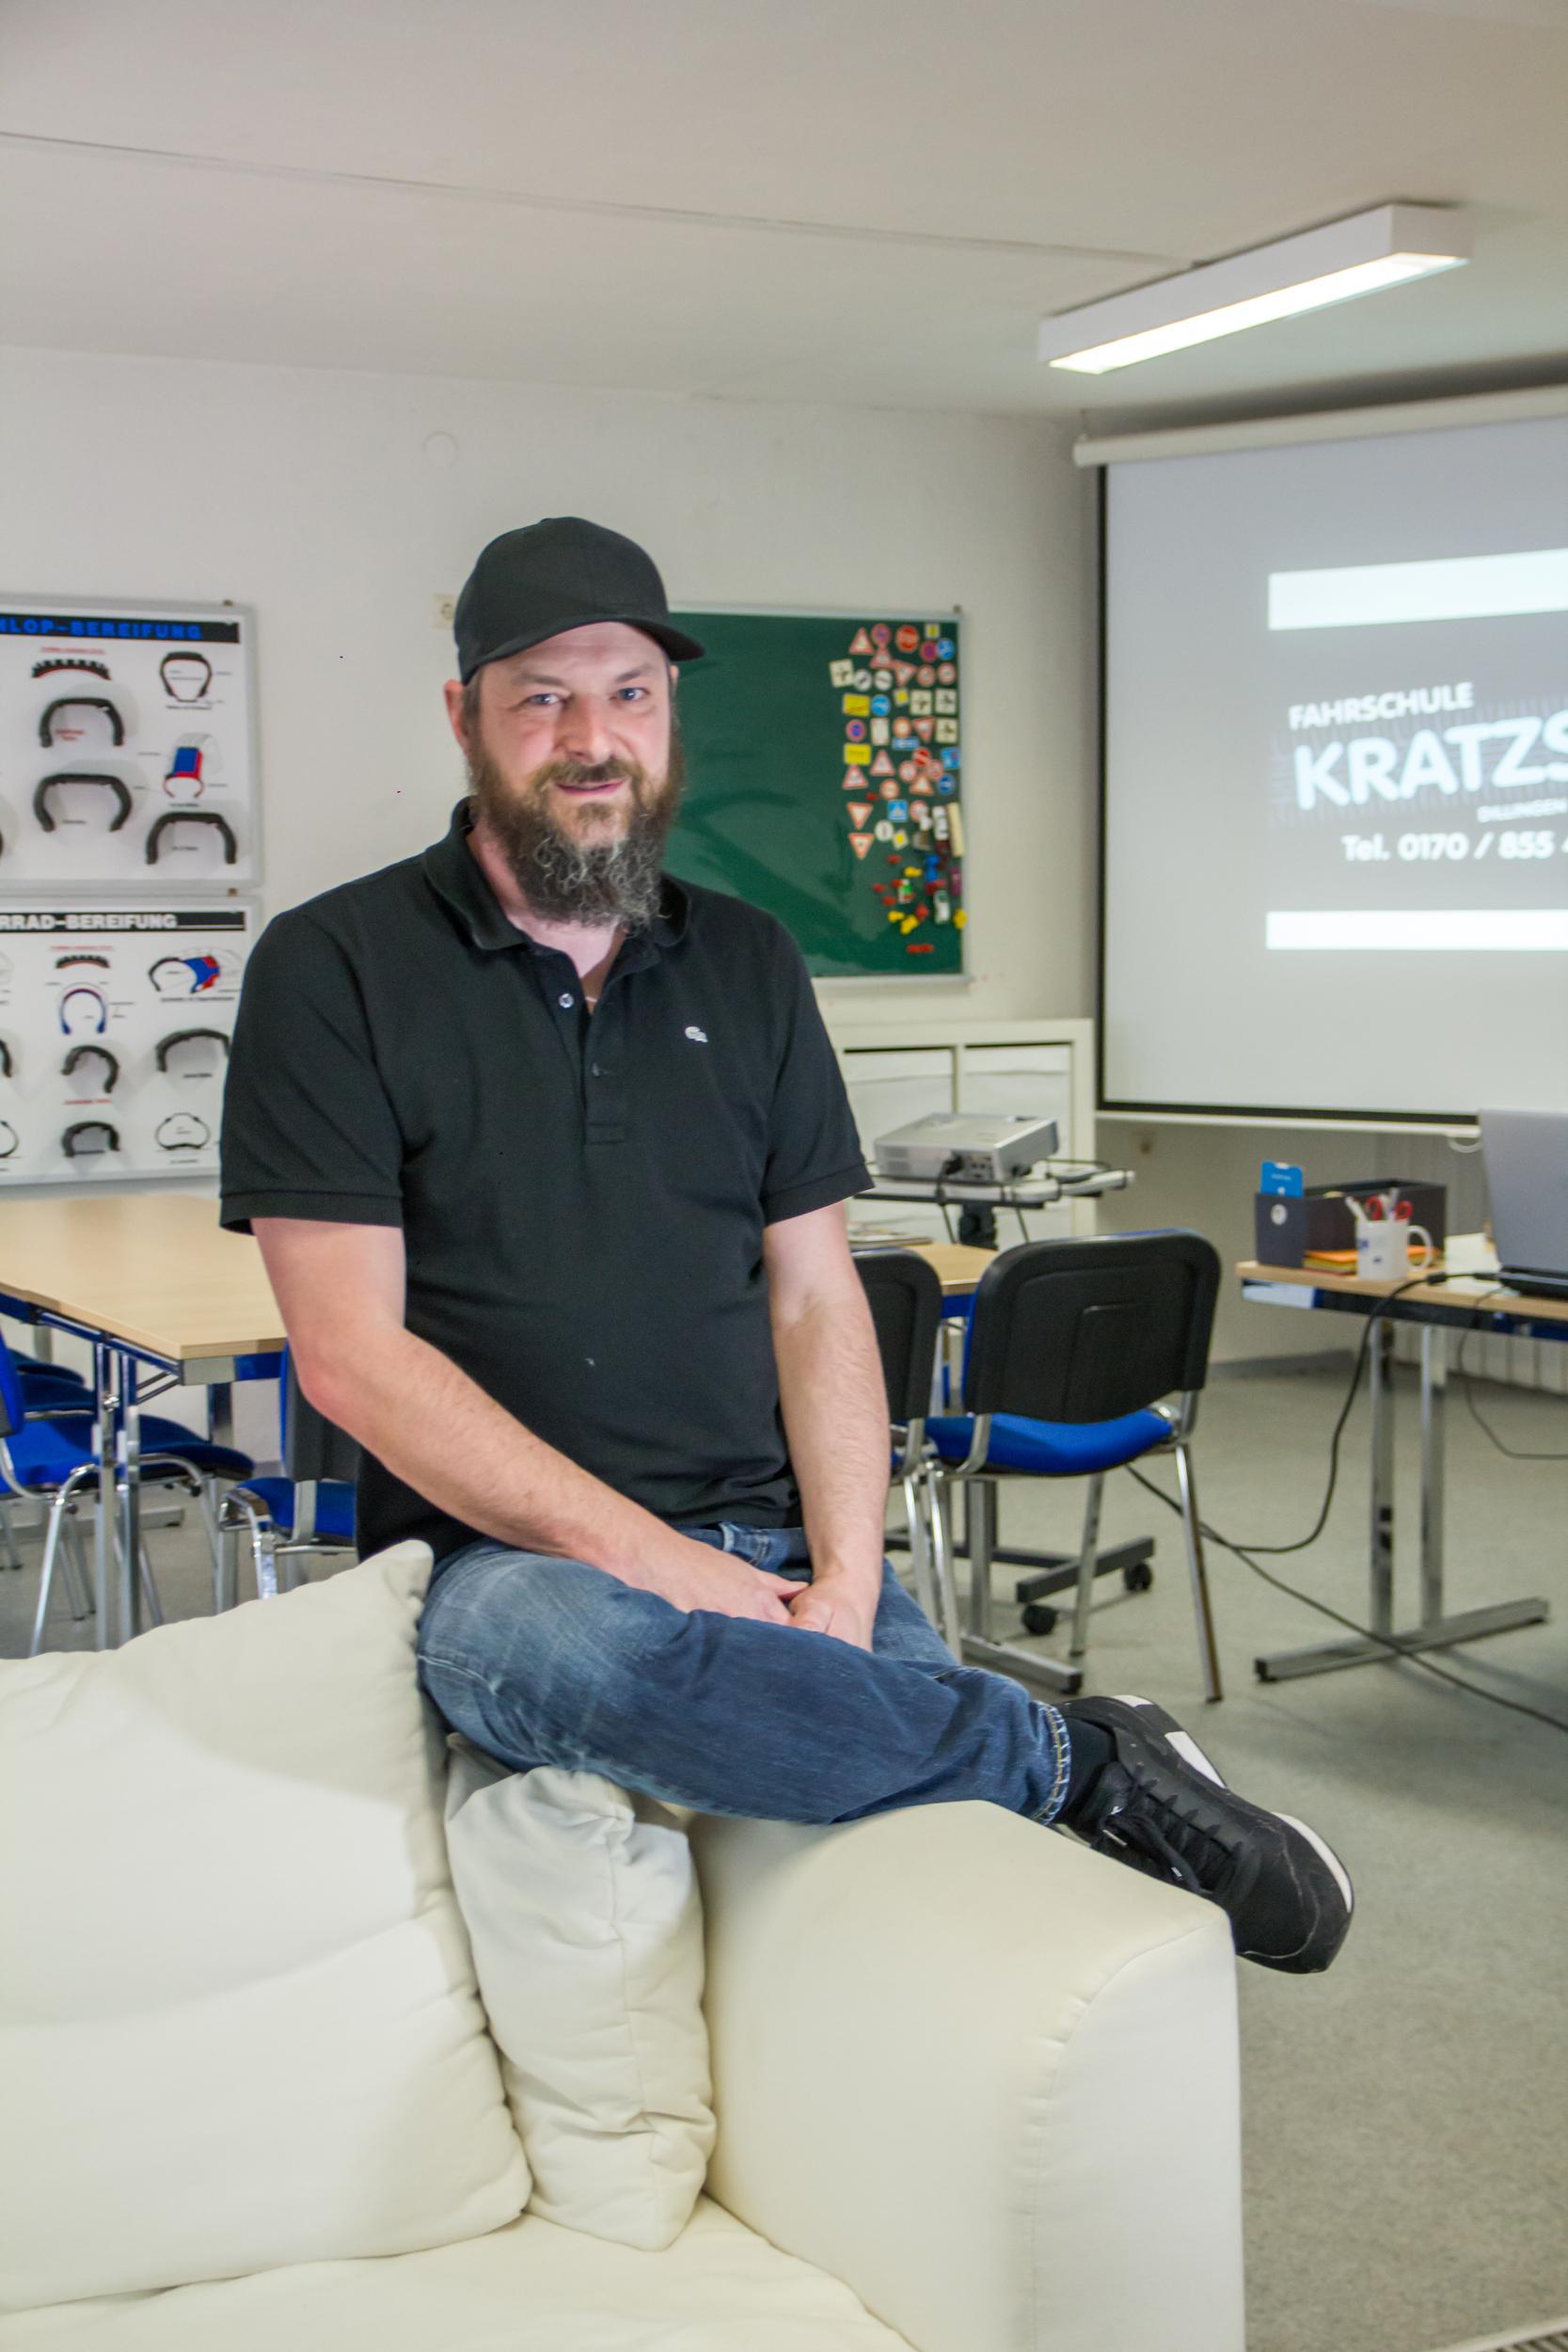 Kratzsch-Fotos-1315-2